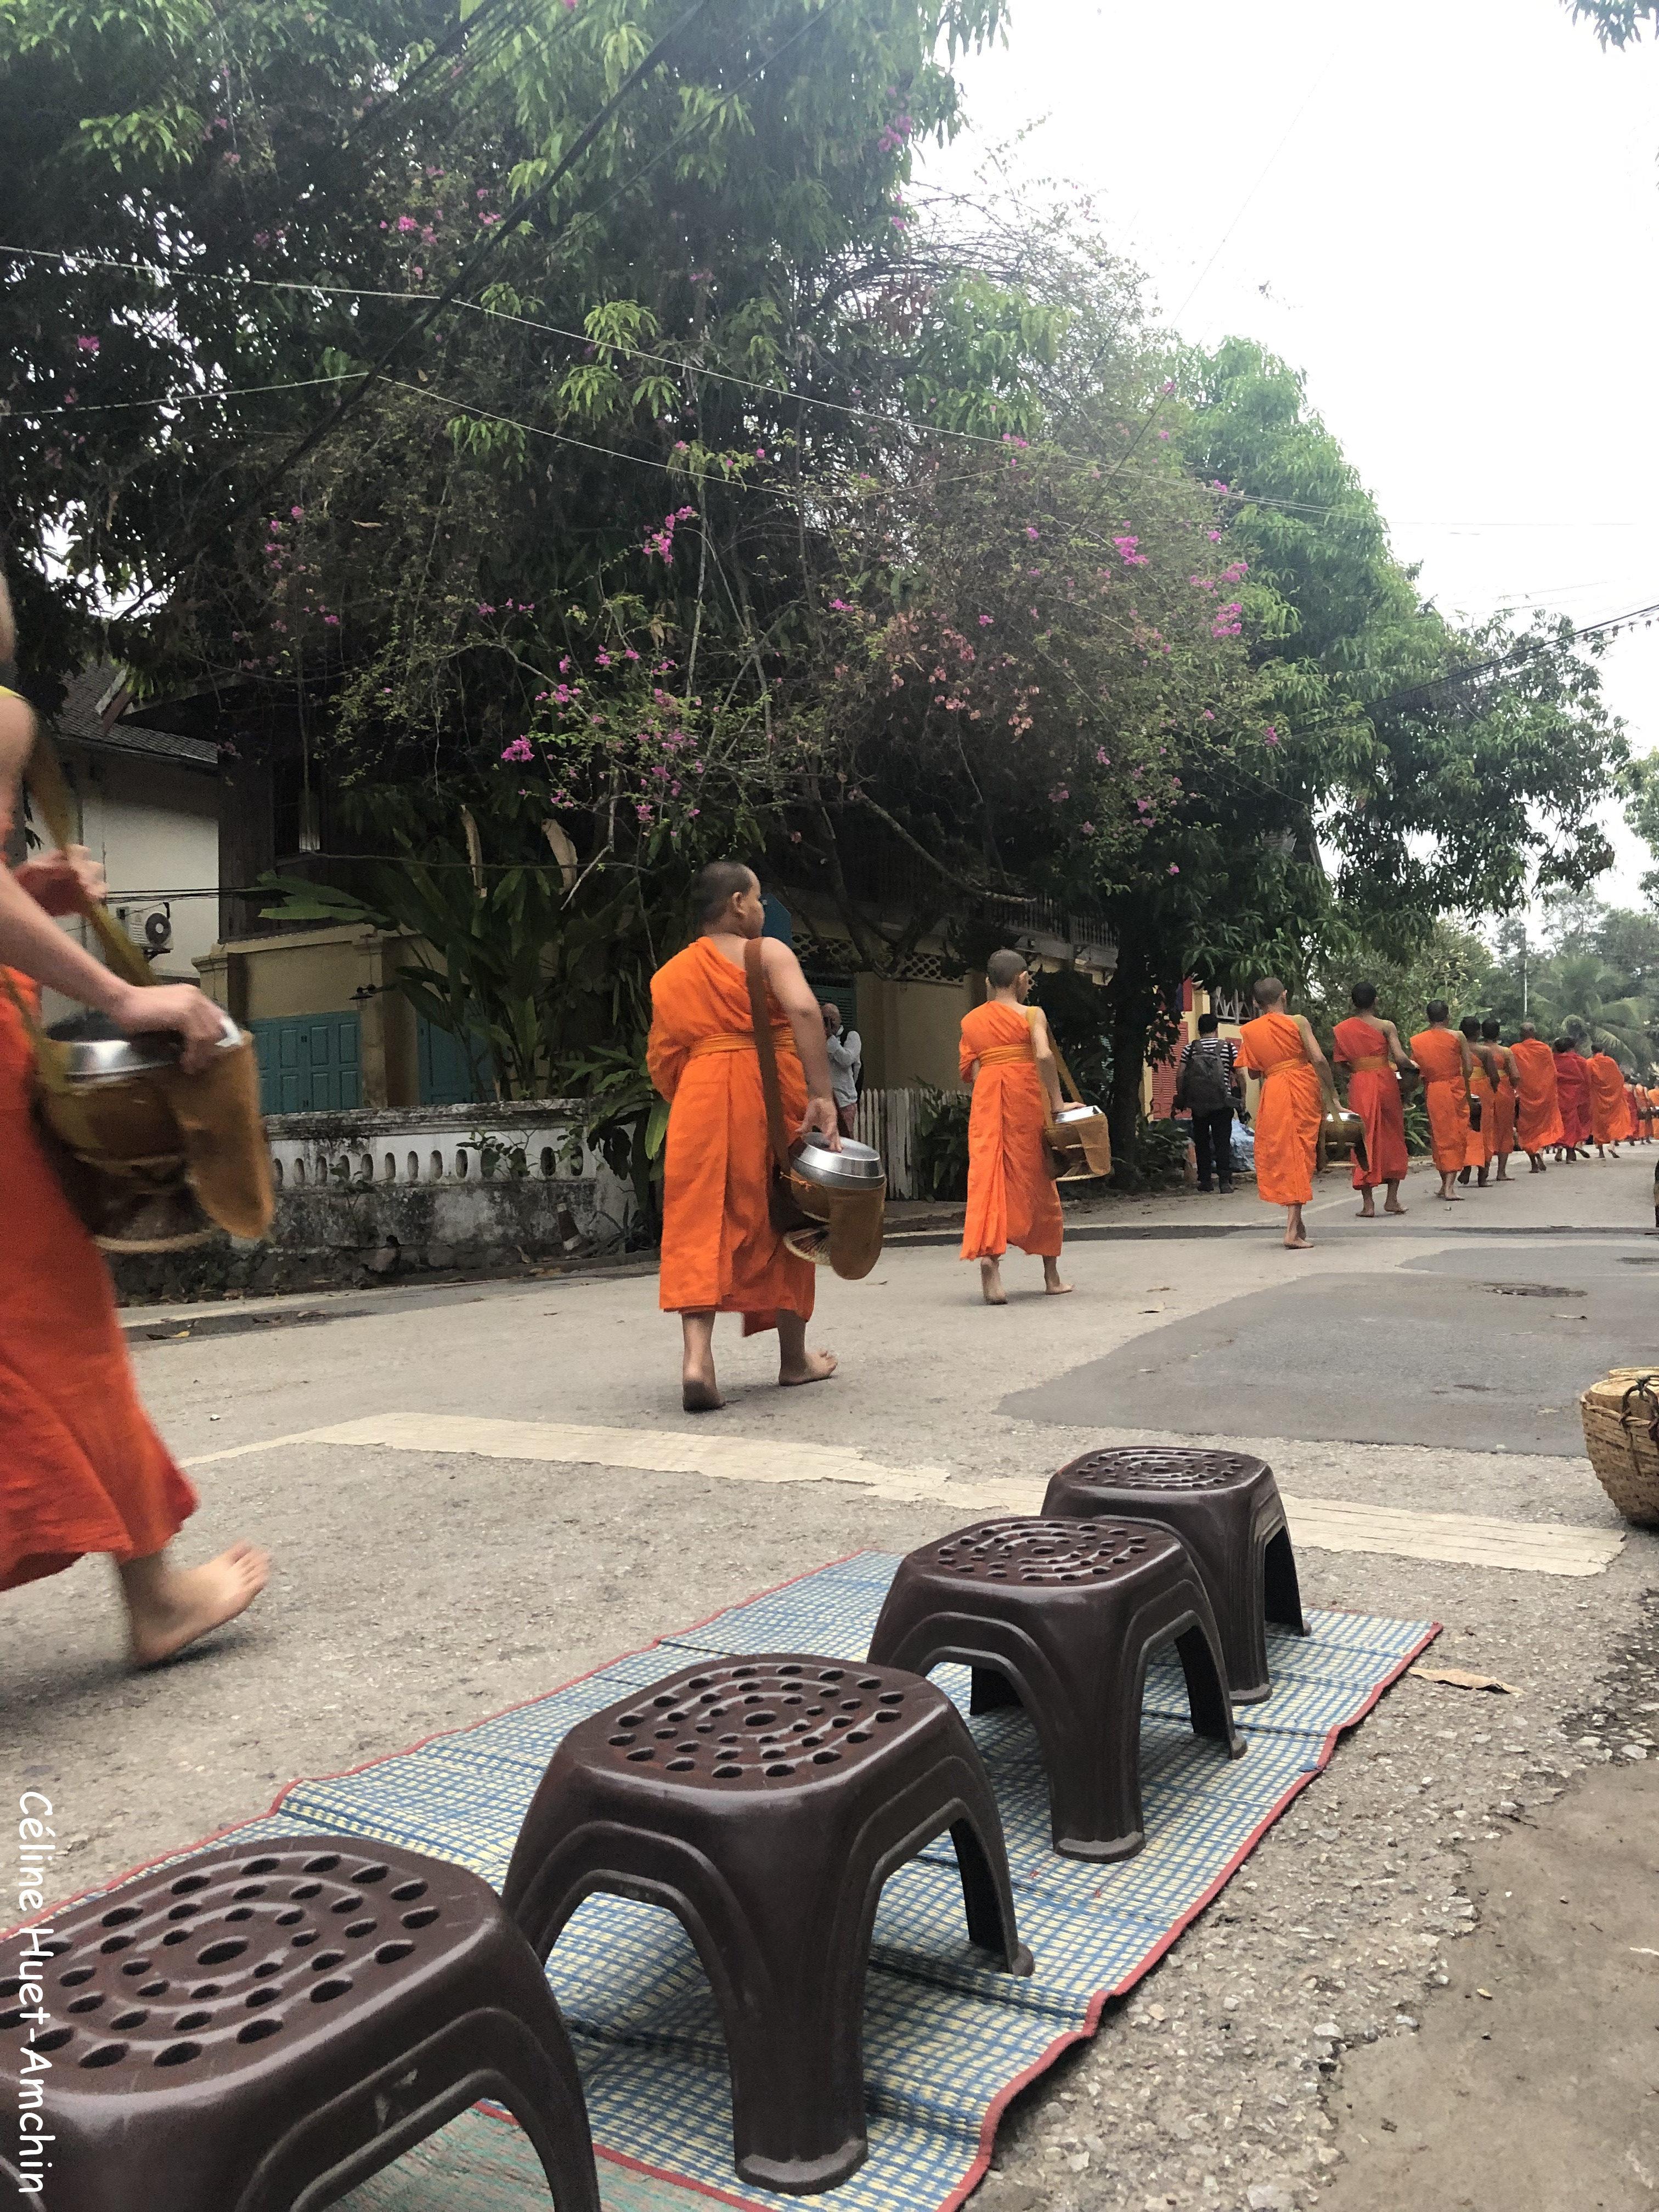 Cérémonie d'offrande aux monks Luang Prabang Laos Asie (à partir de 6h et jusqu'à 6h30)